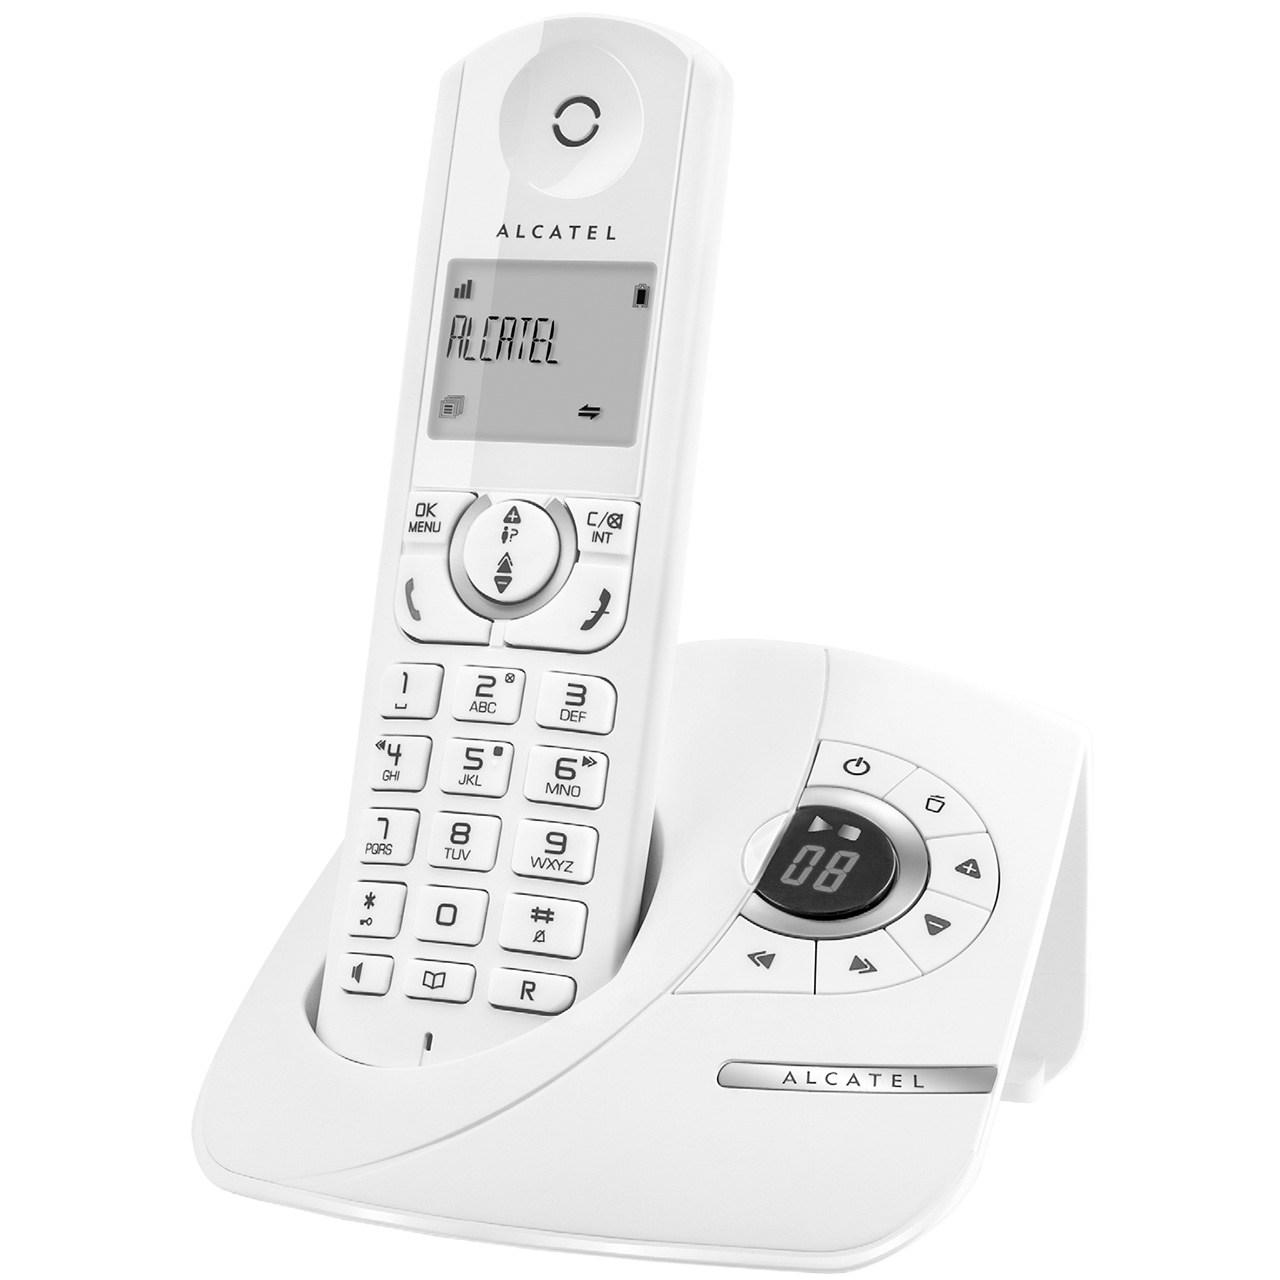 خرید اینترنتی تلفن بی سیم الکاتل مدل F370 Voice